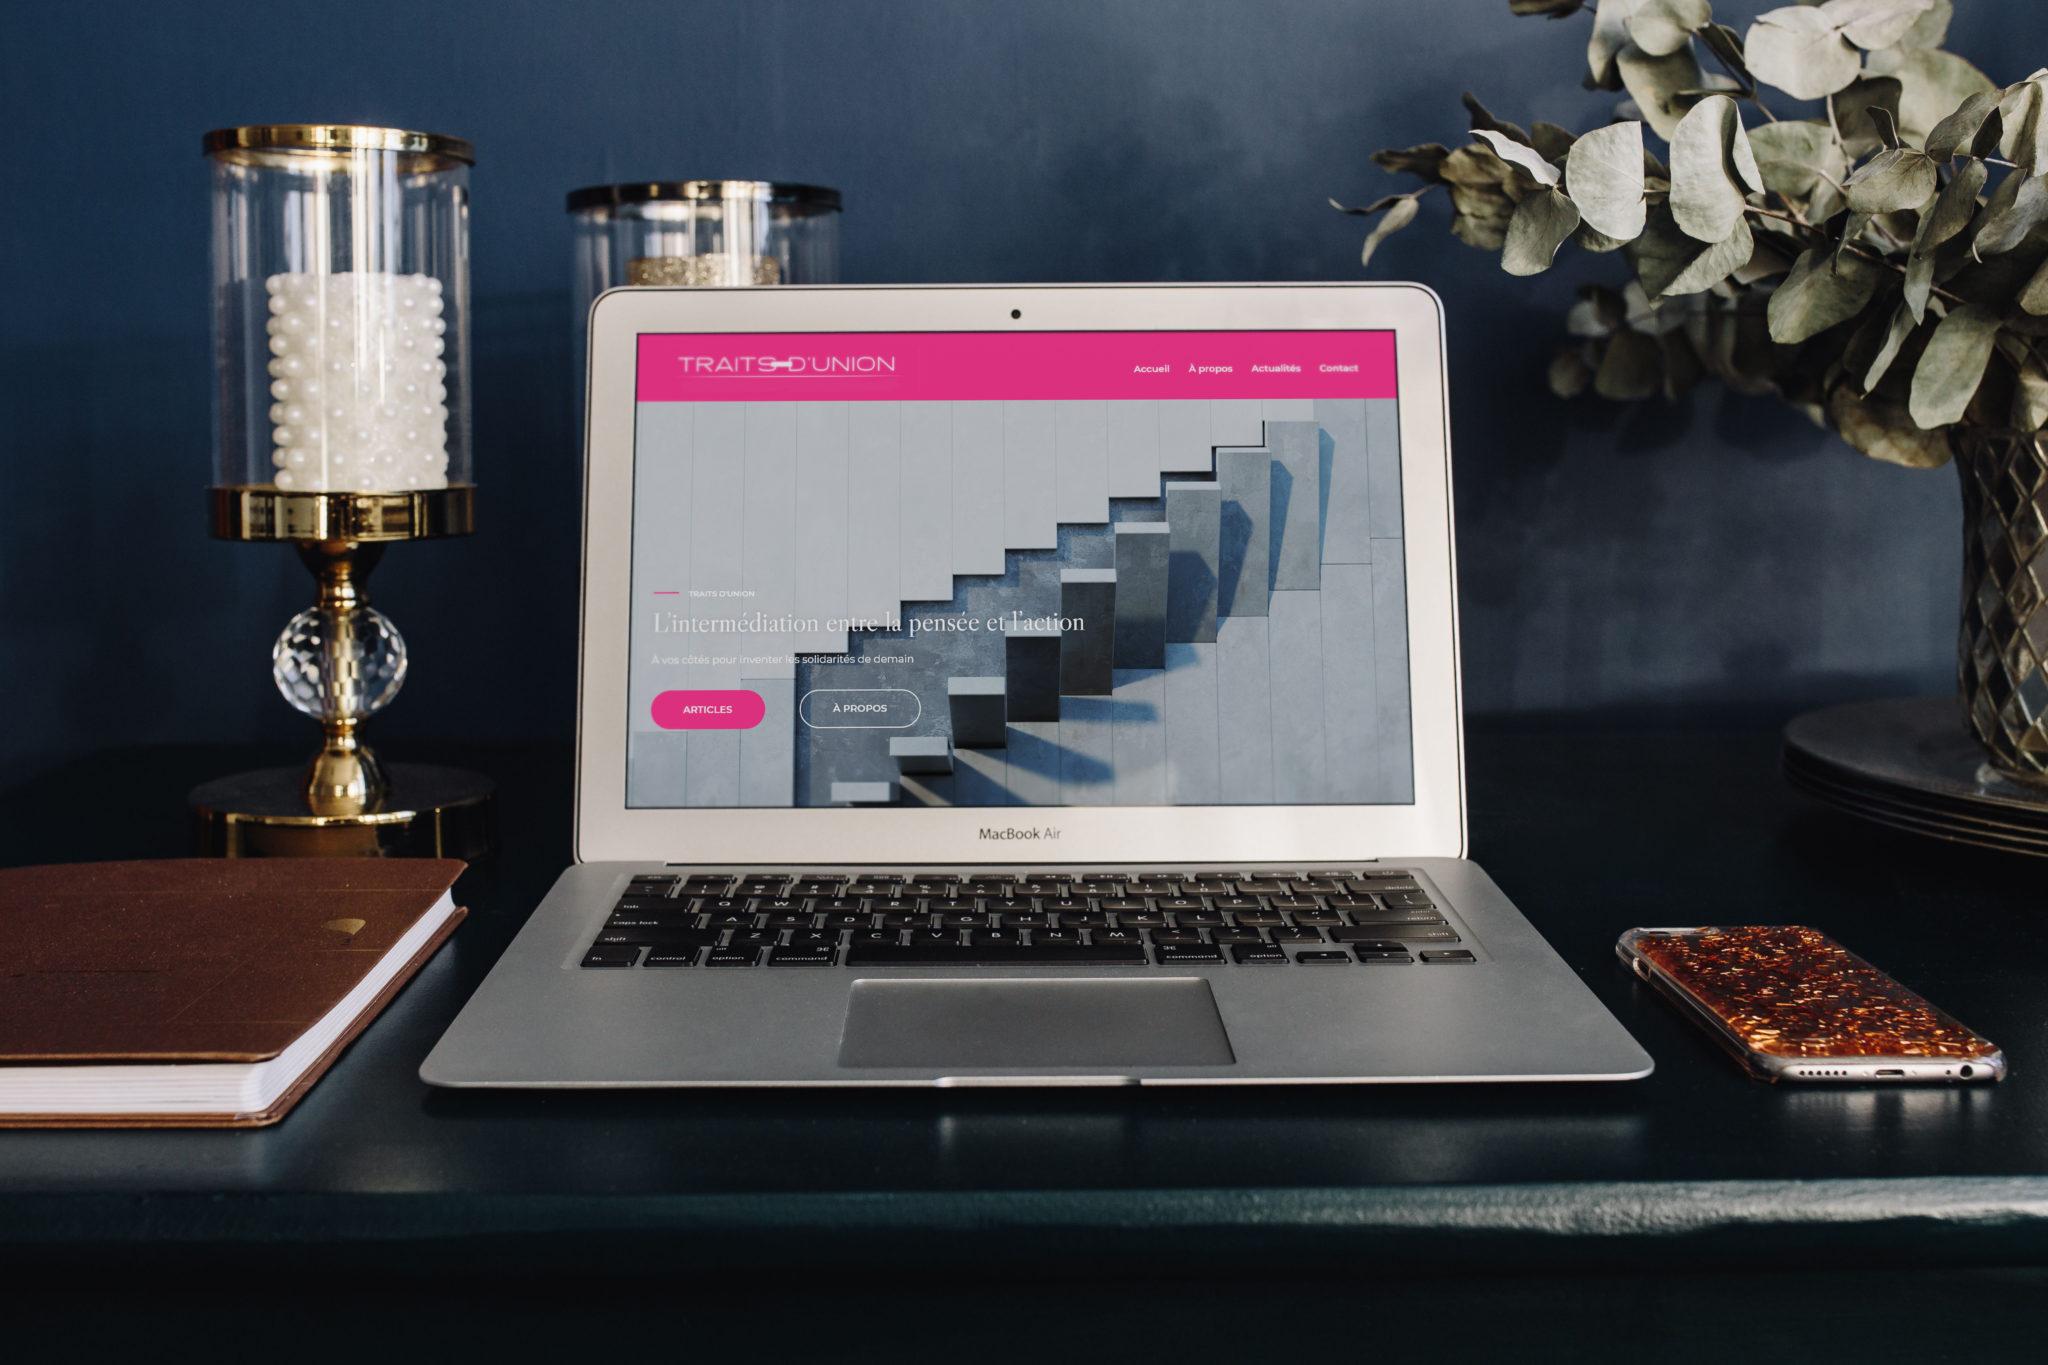 Ioana Calin - Graphiste et web designer freelance - Création Site web Traits d'union 2